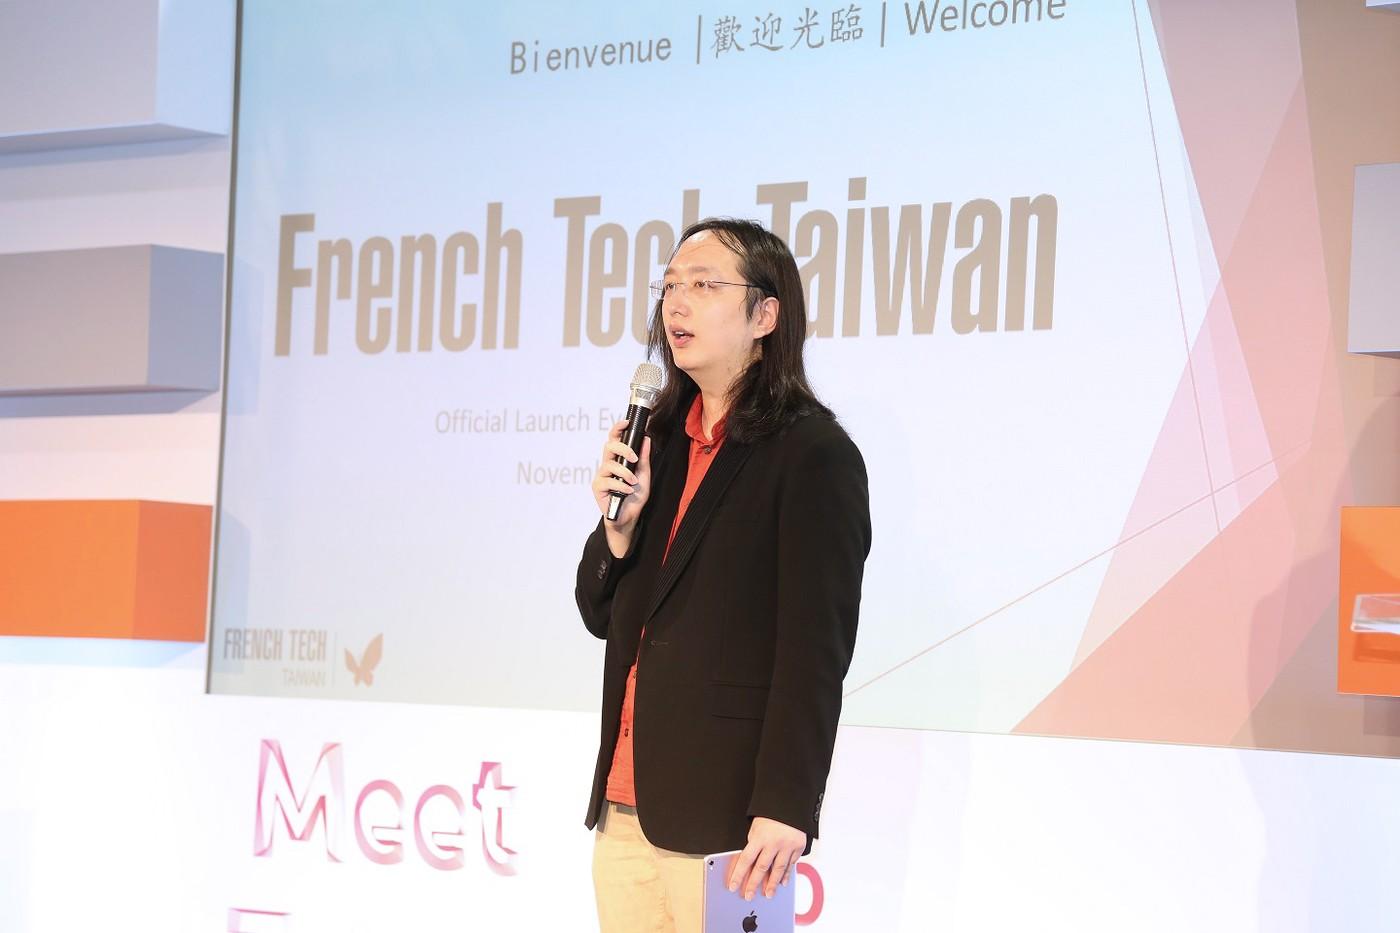 數位政委唐鳳:運用數位工具,讓社會對話更流暢